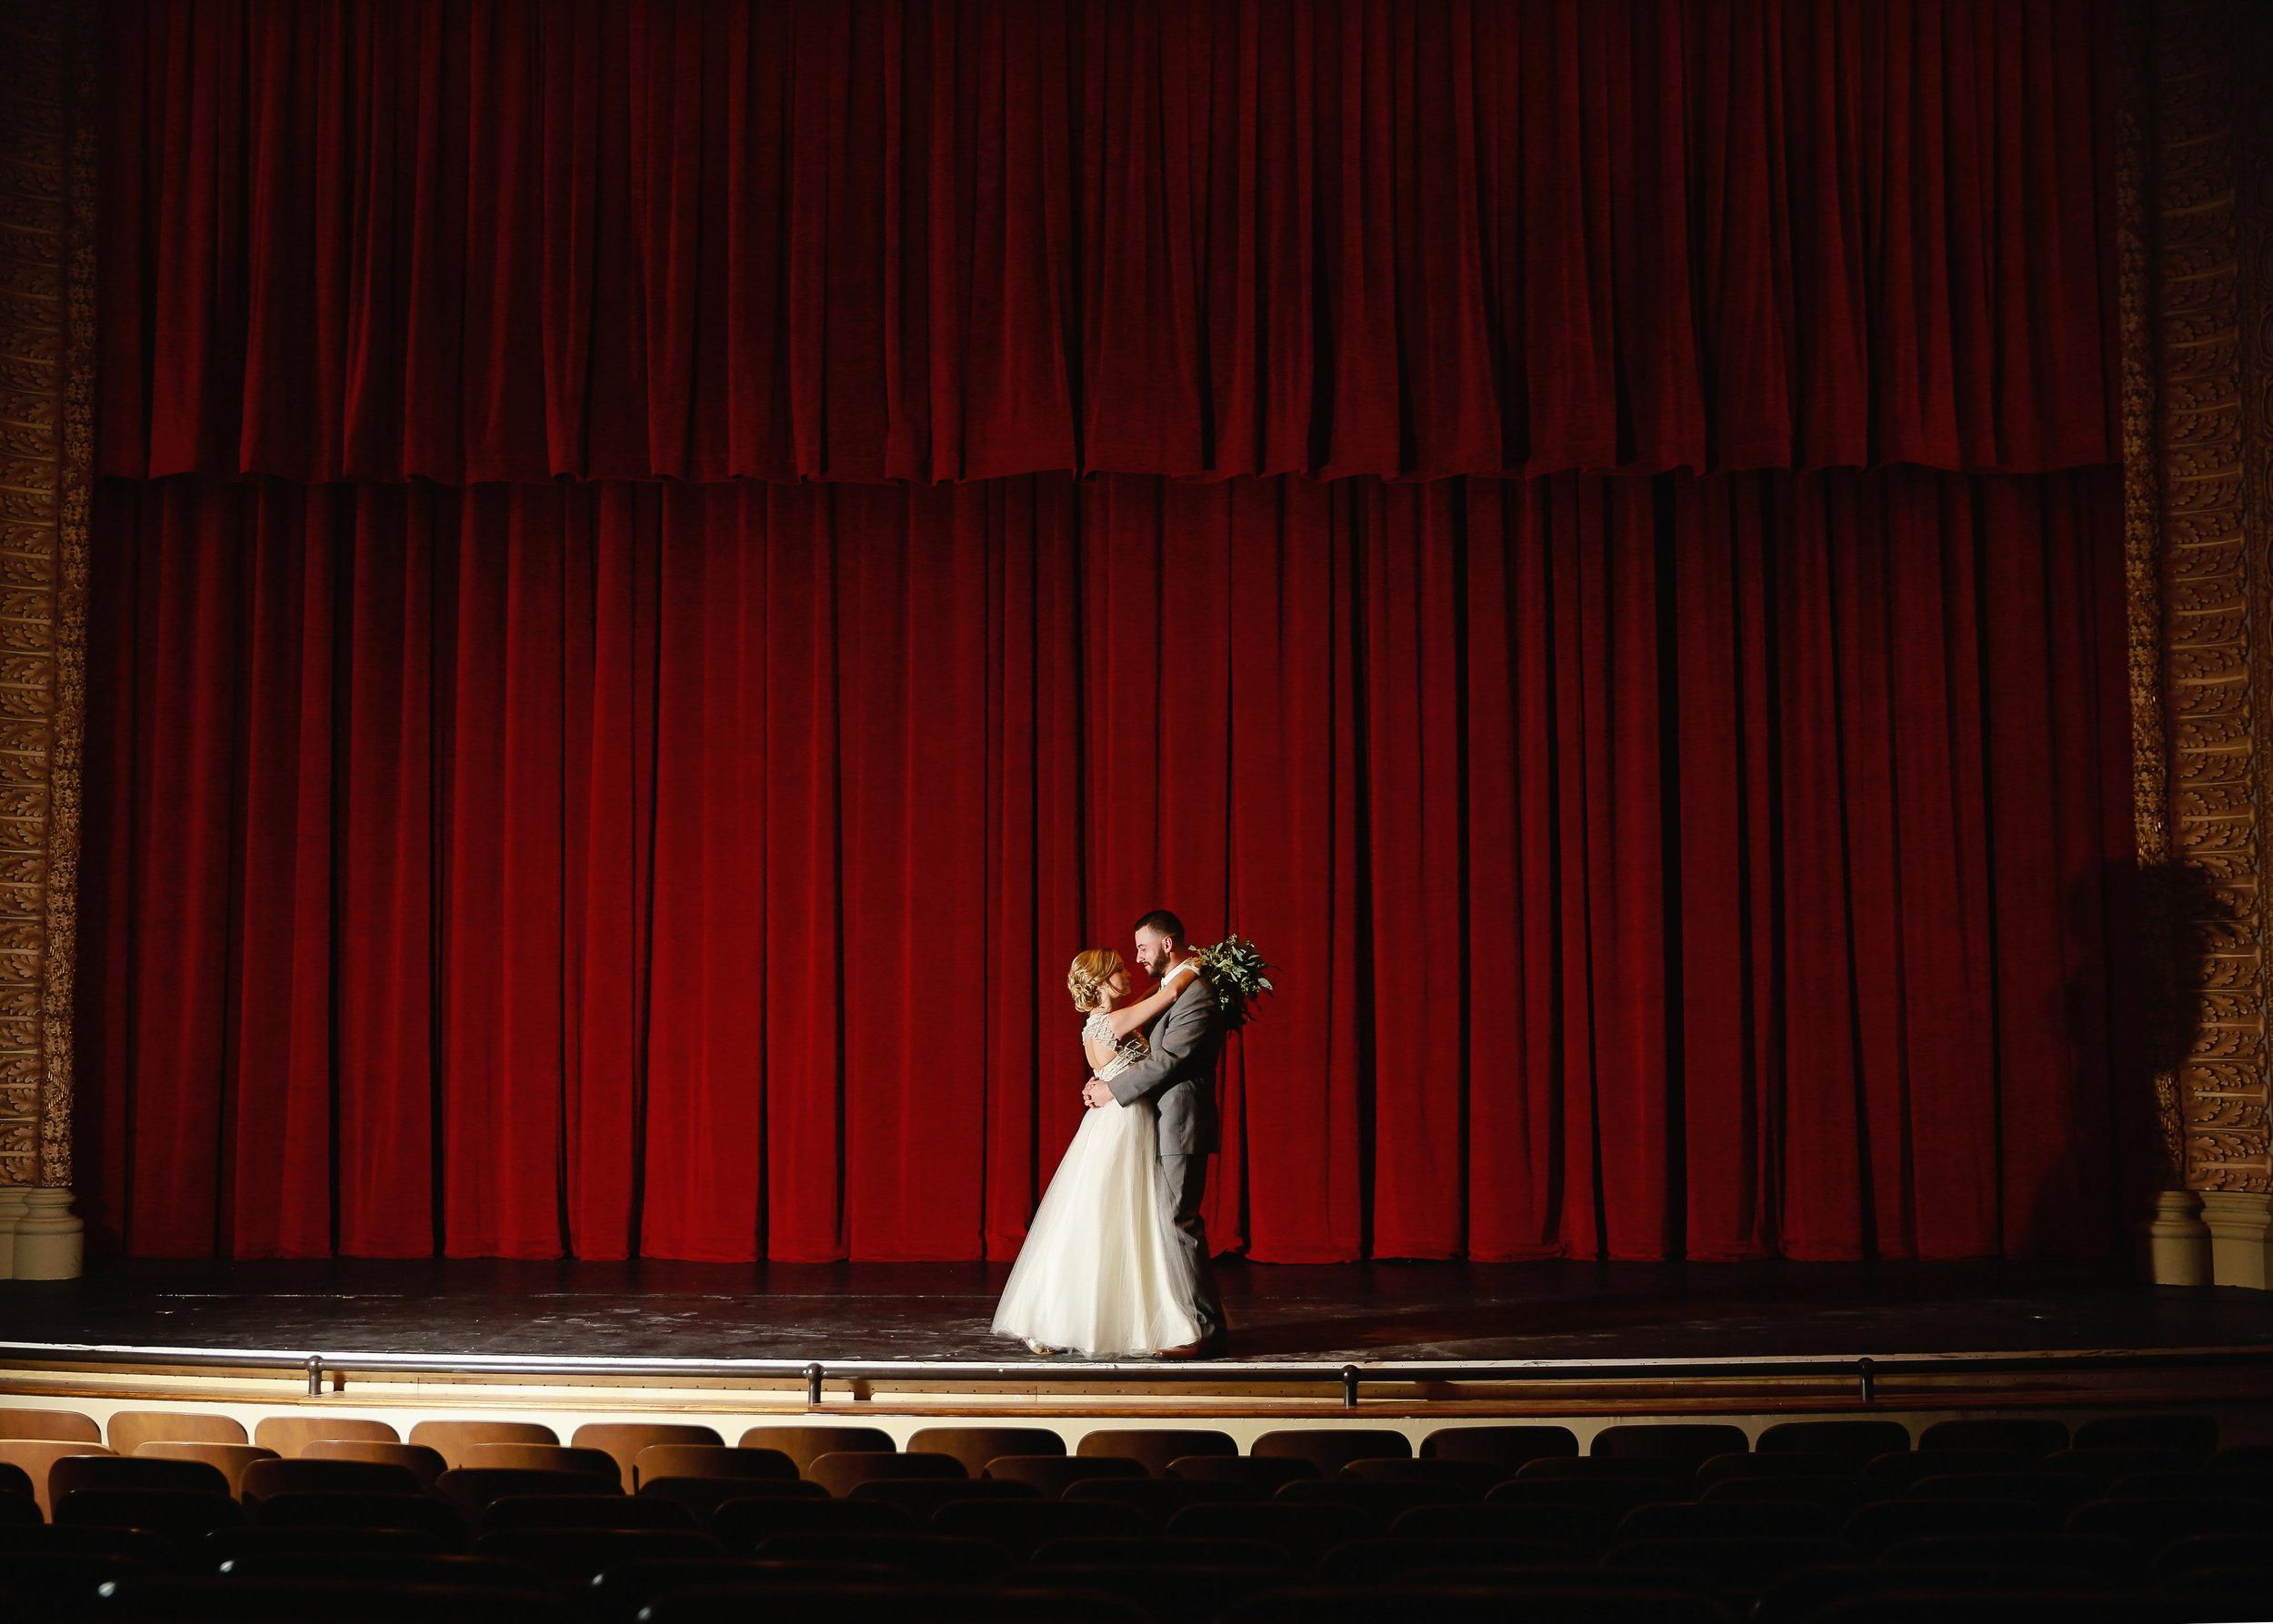 <h1> WEDDINGS </h1>